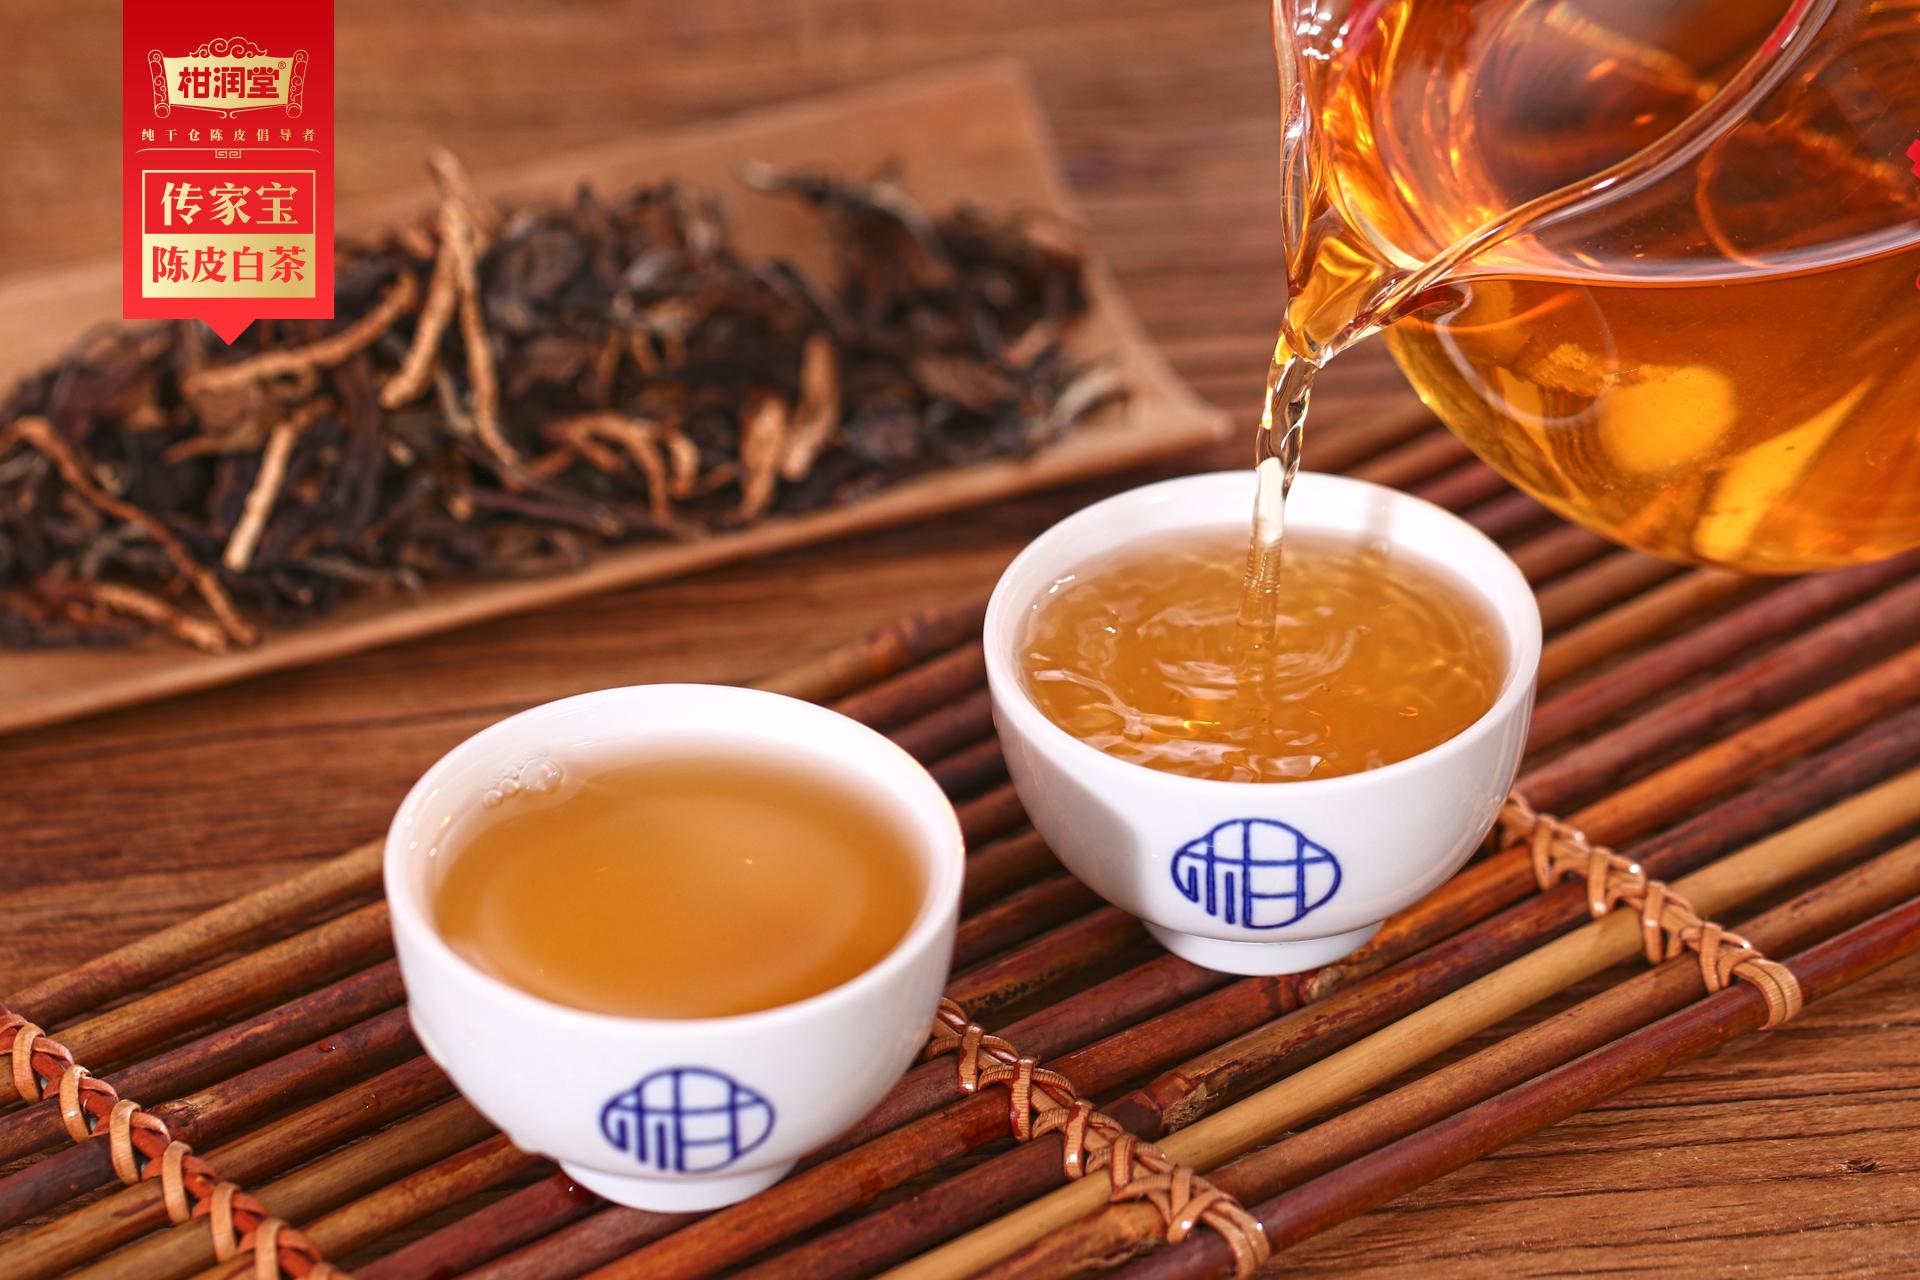 高山茶的特点